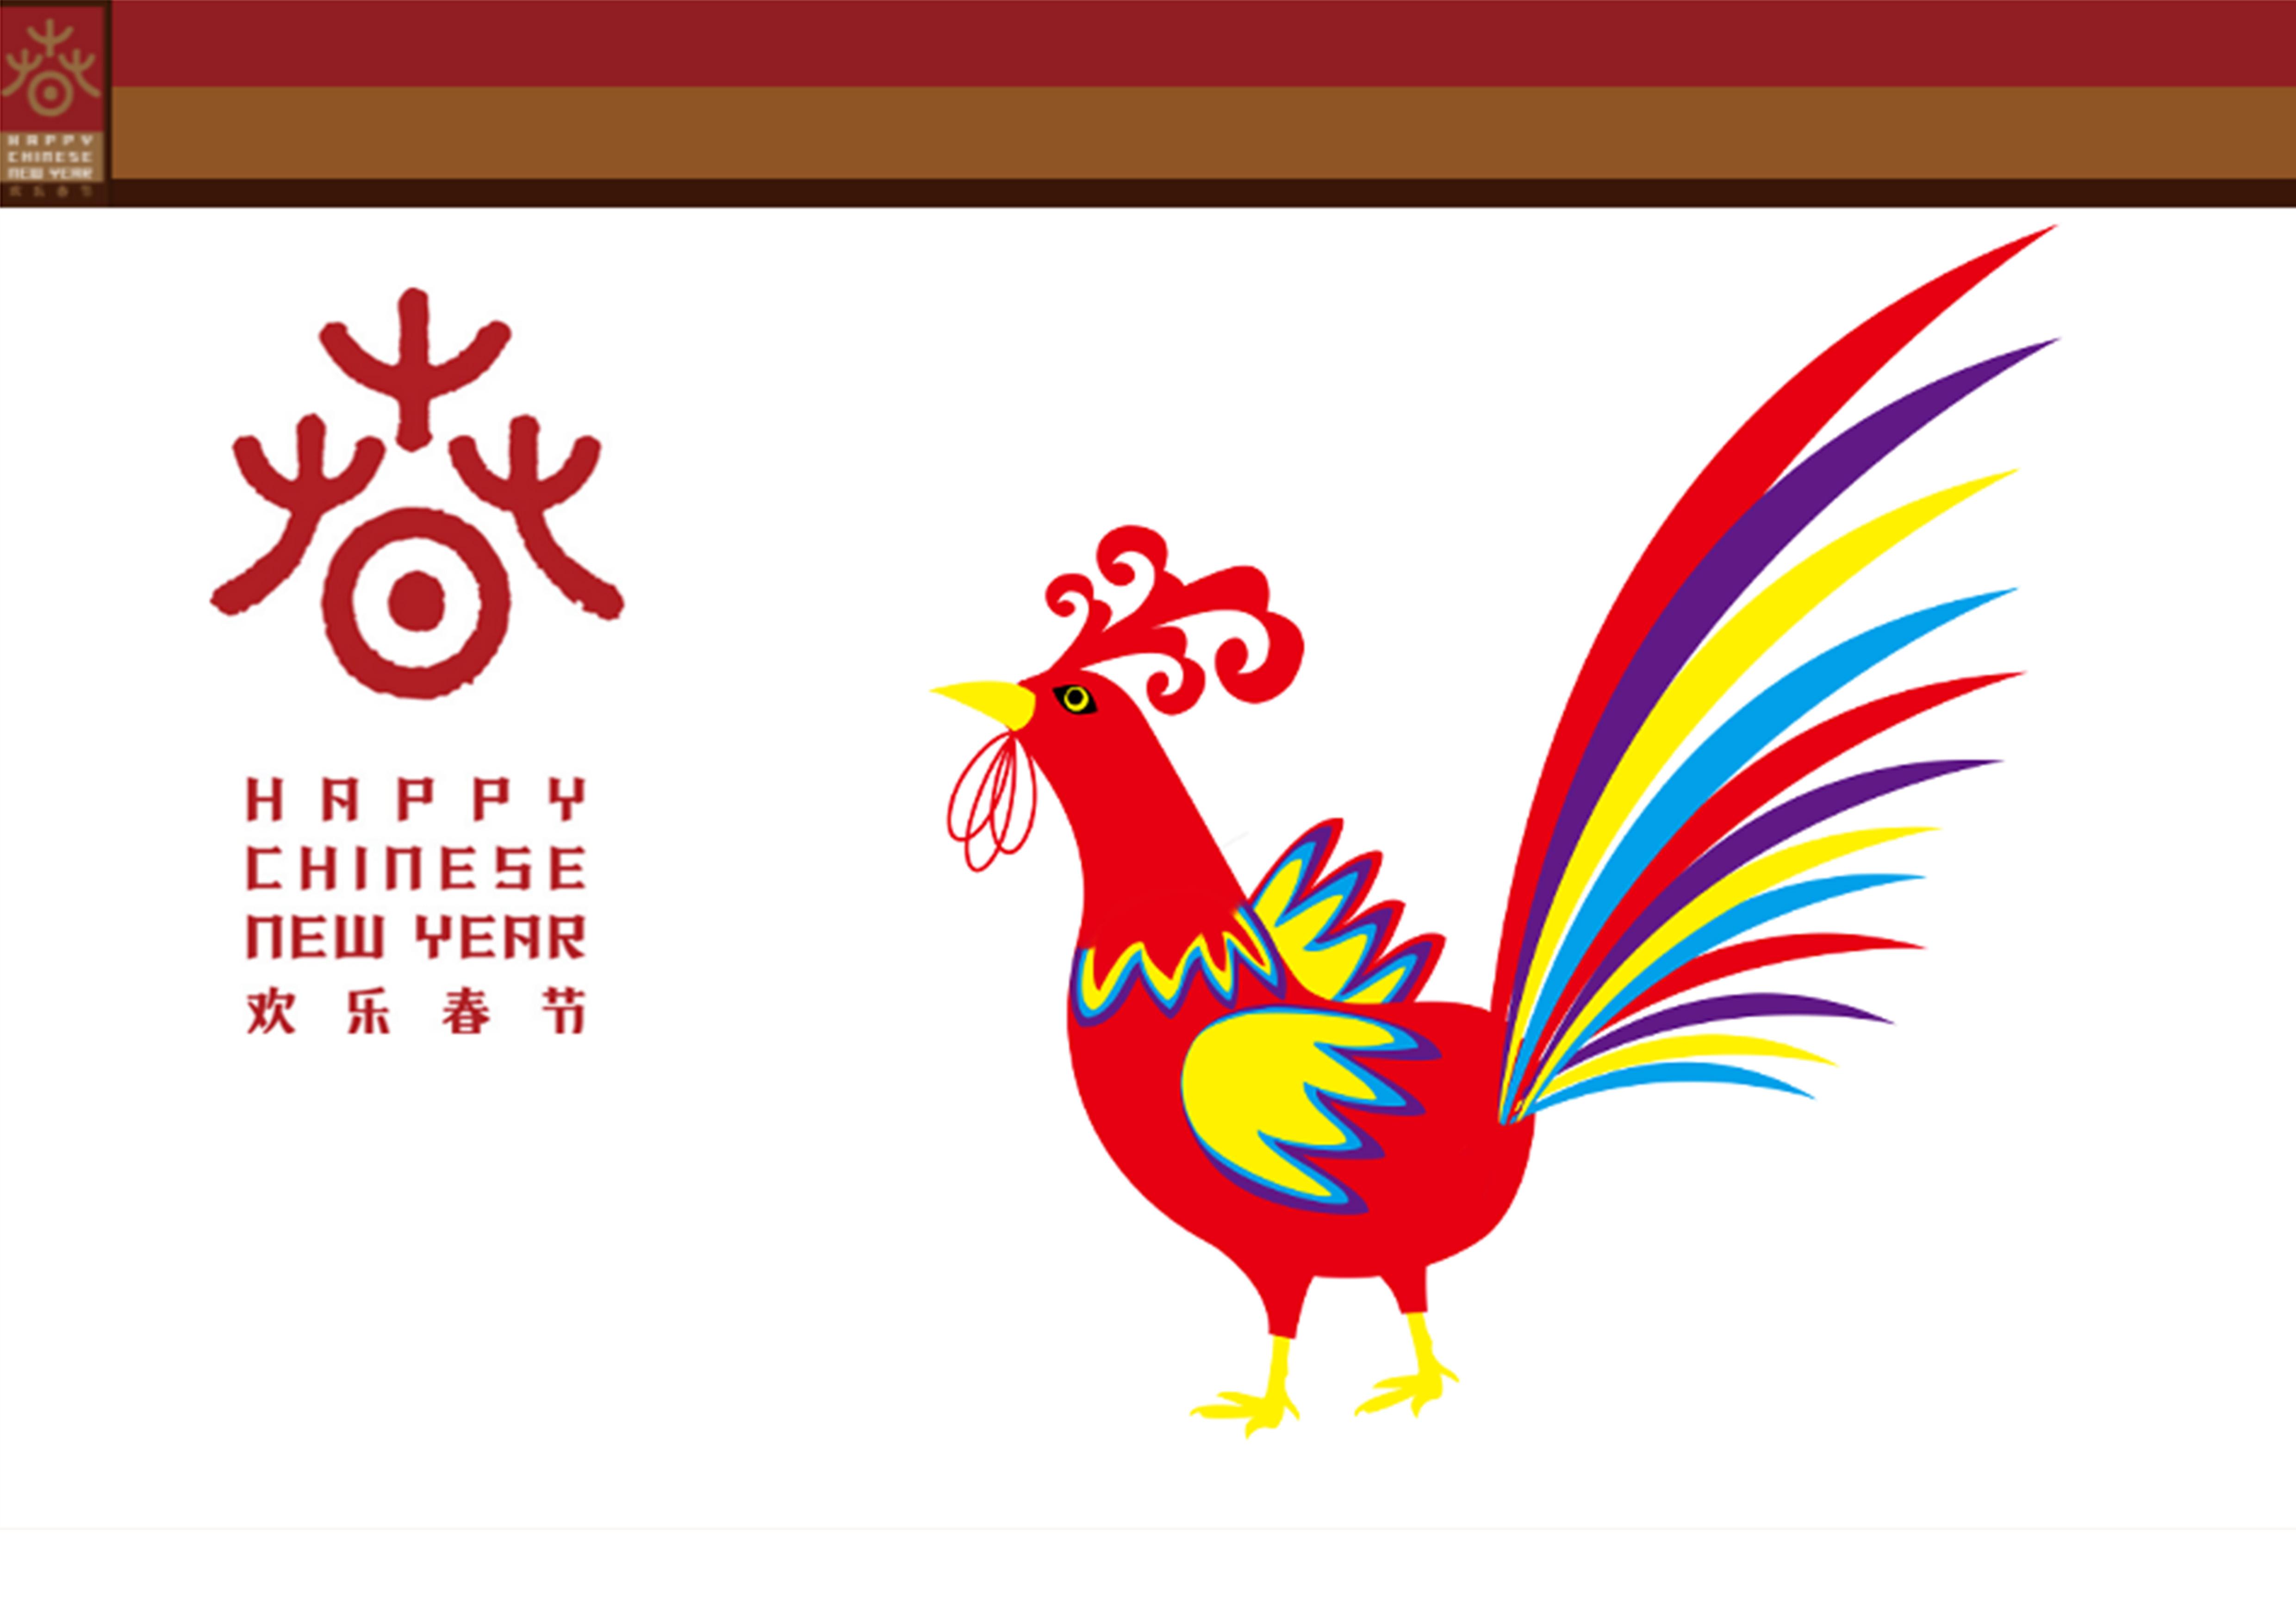 打酱油的 2017鸡年全球吉庆生肖设计大赛 哈哈图片